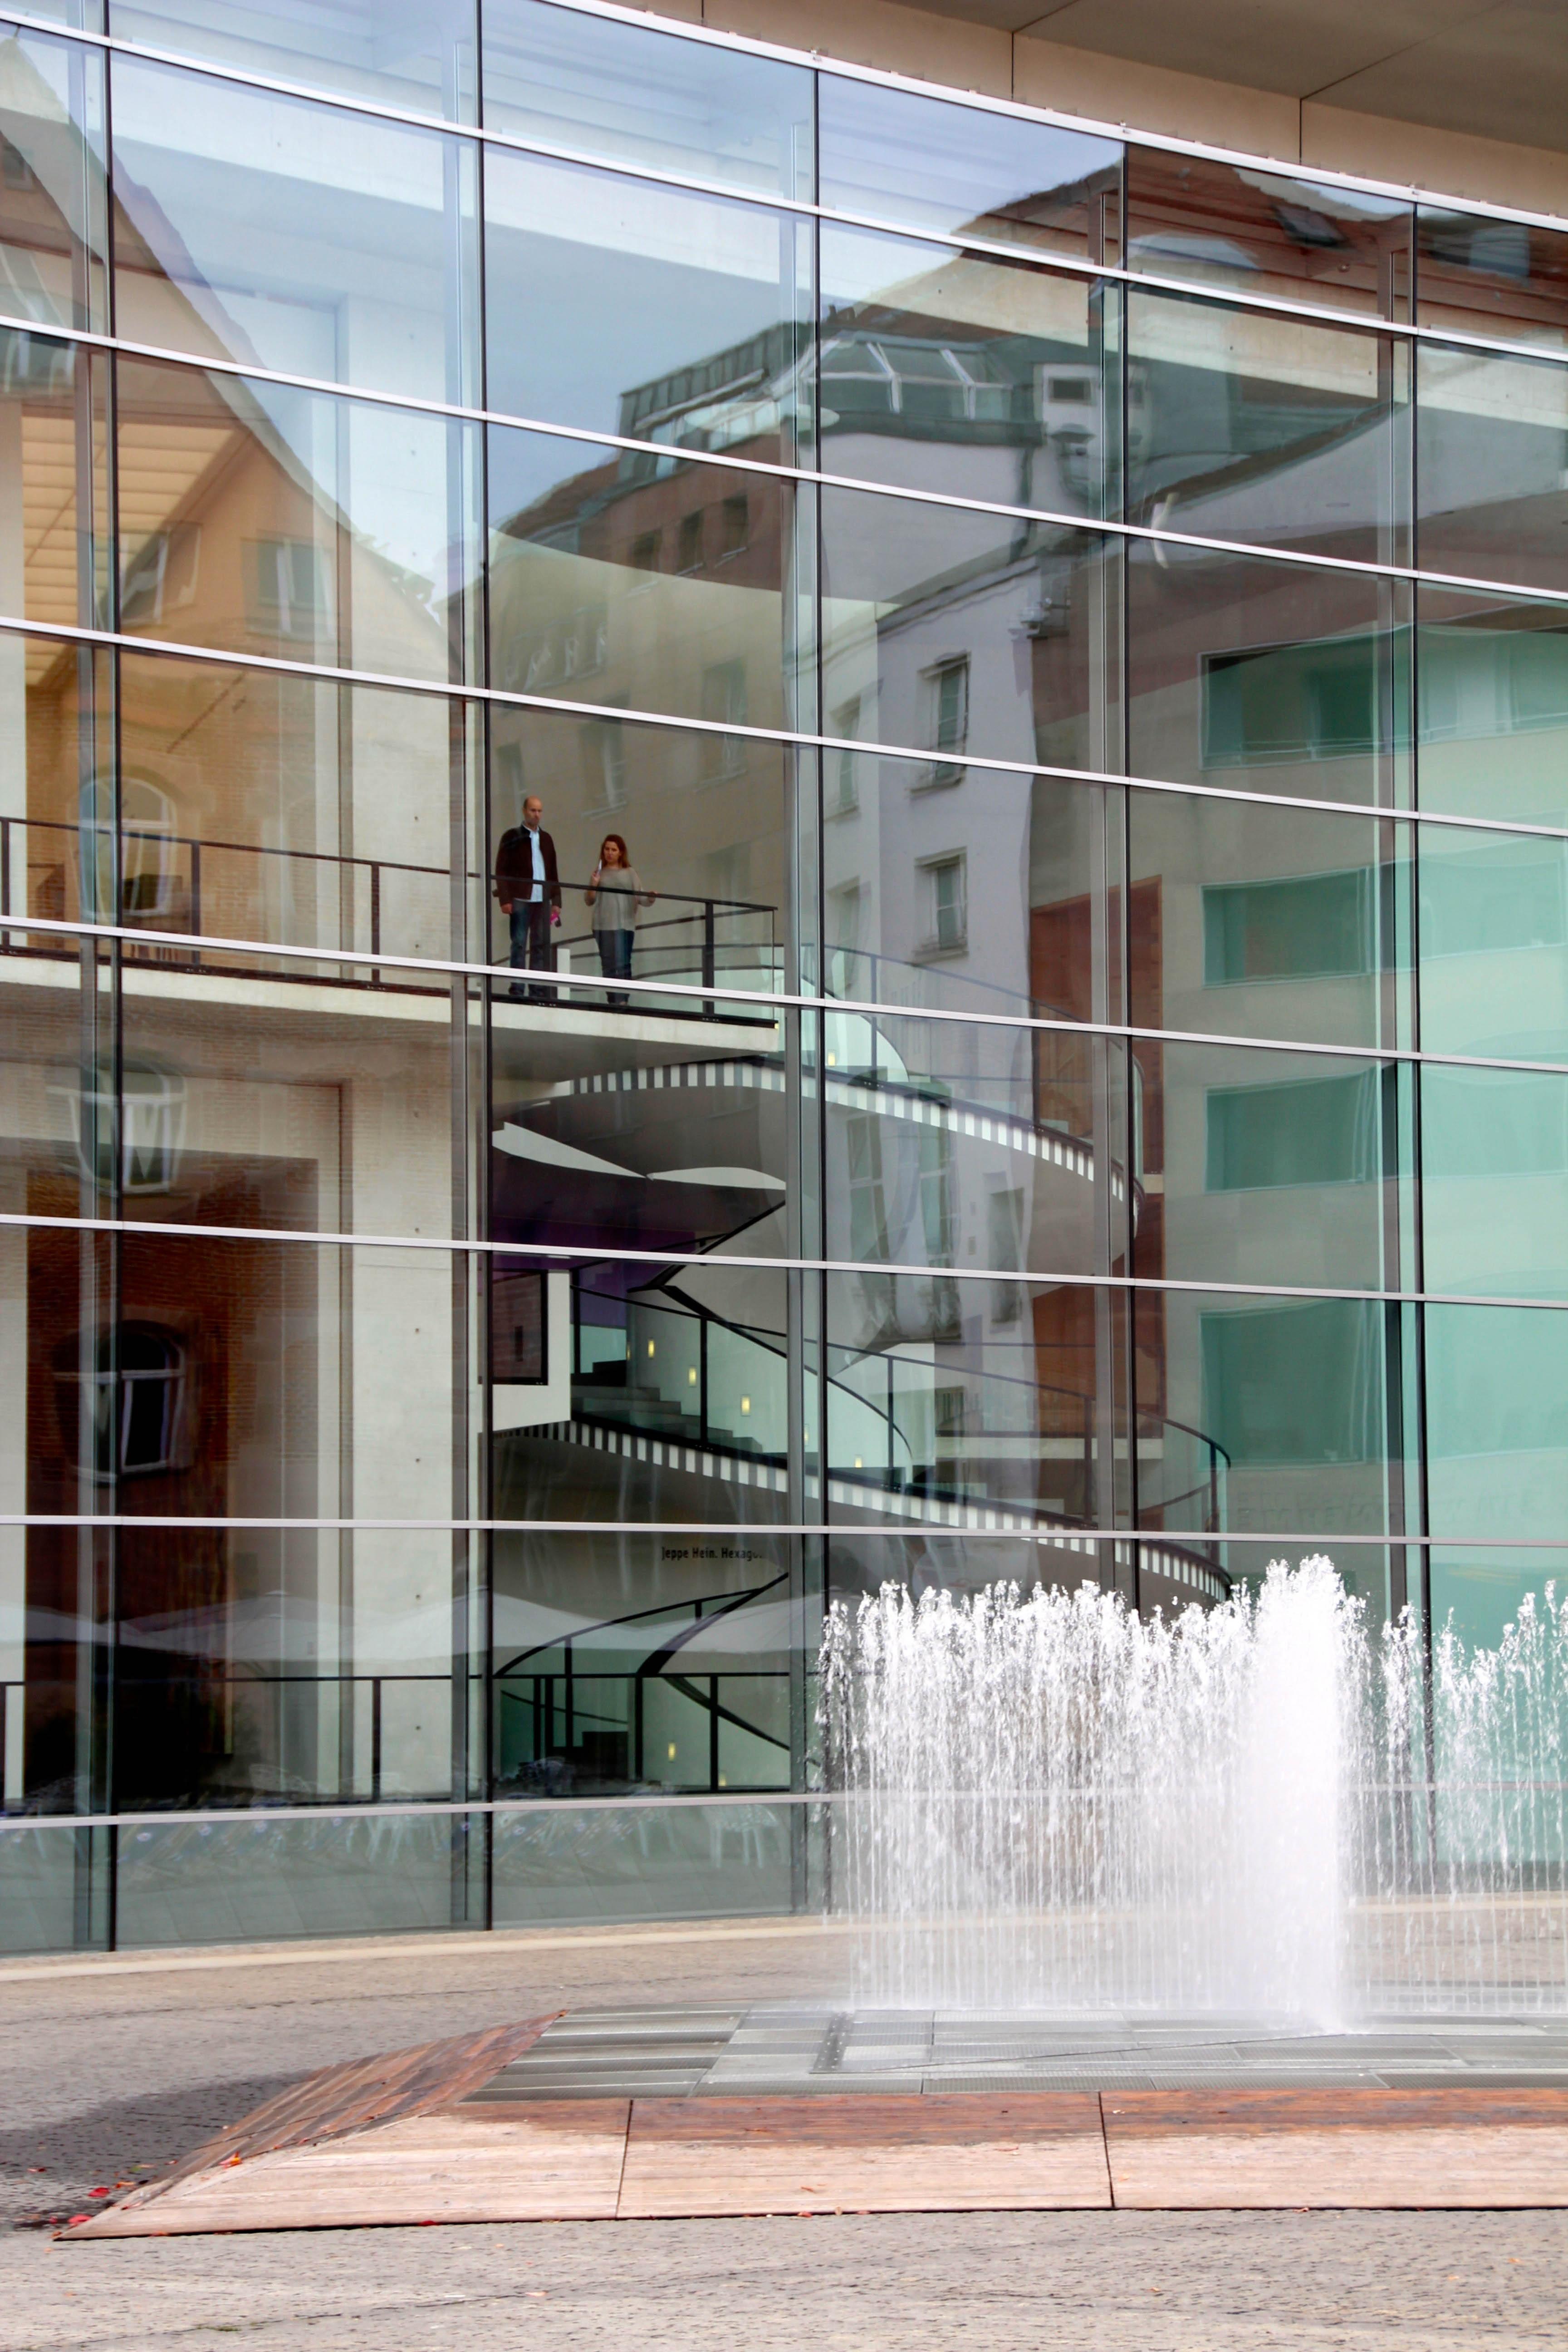 Kostenlose foto : die Architektur, Fenster, Glas, Gebäude, Zuhause ...